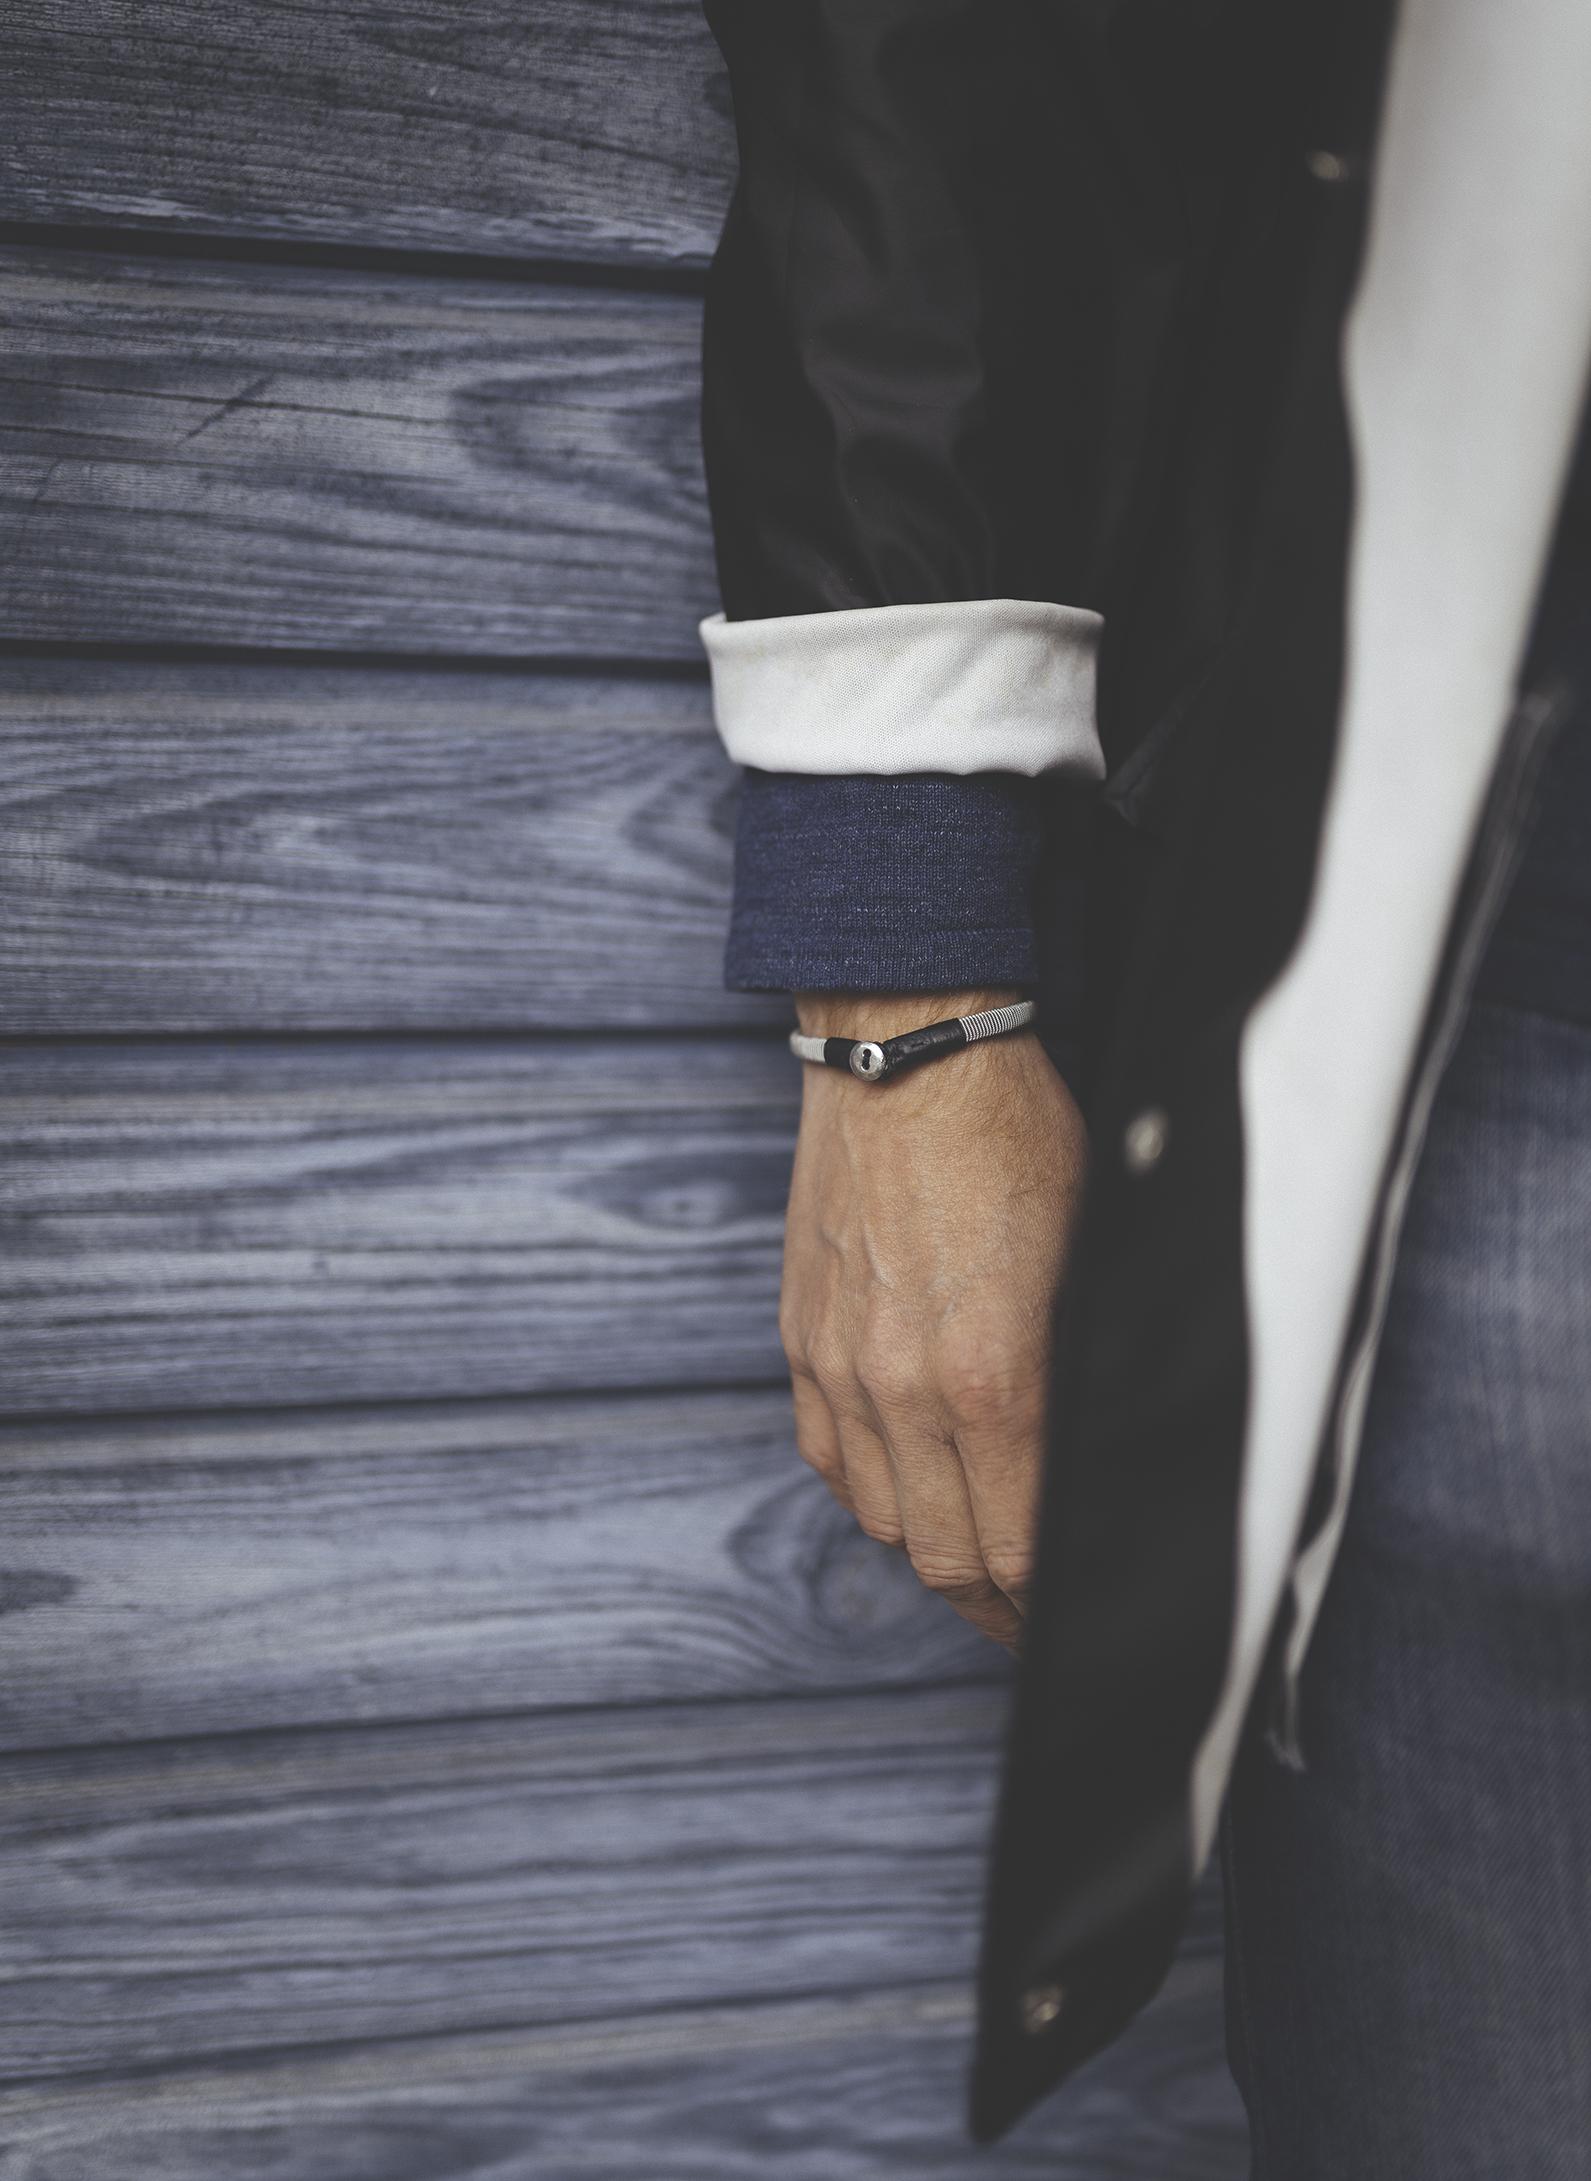 armband, ute